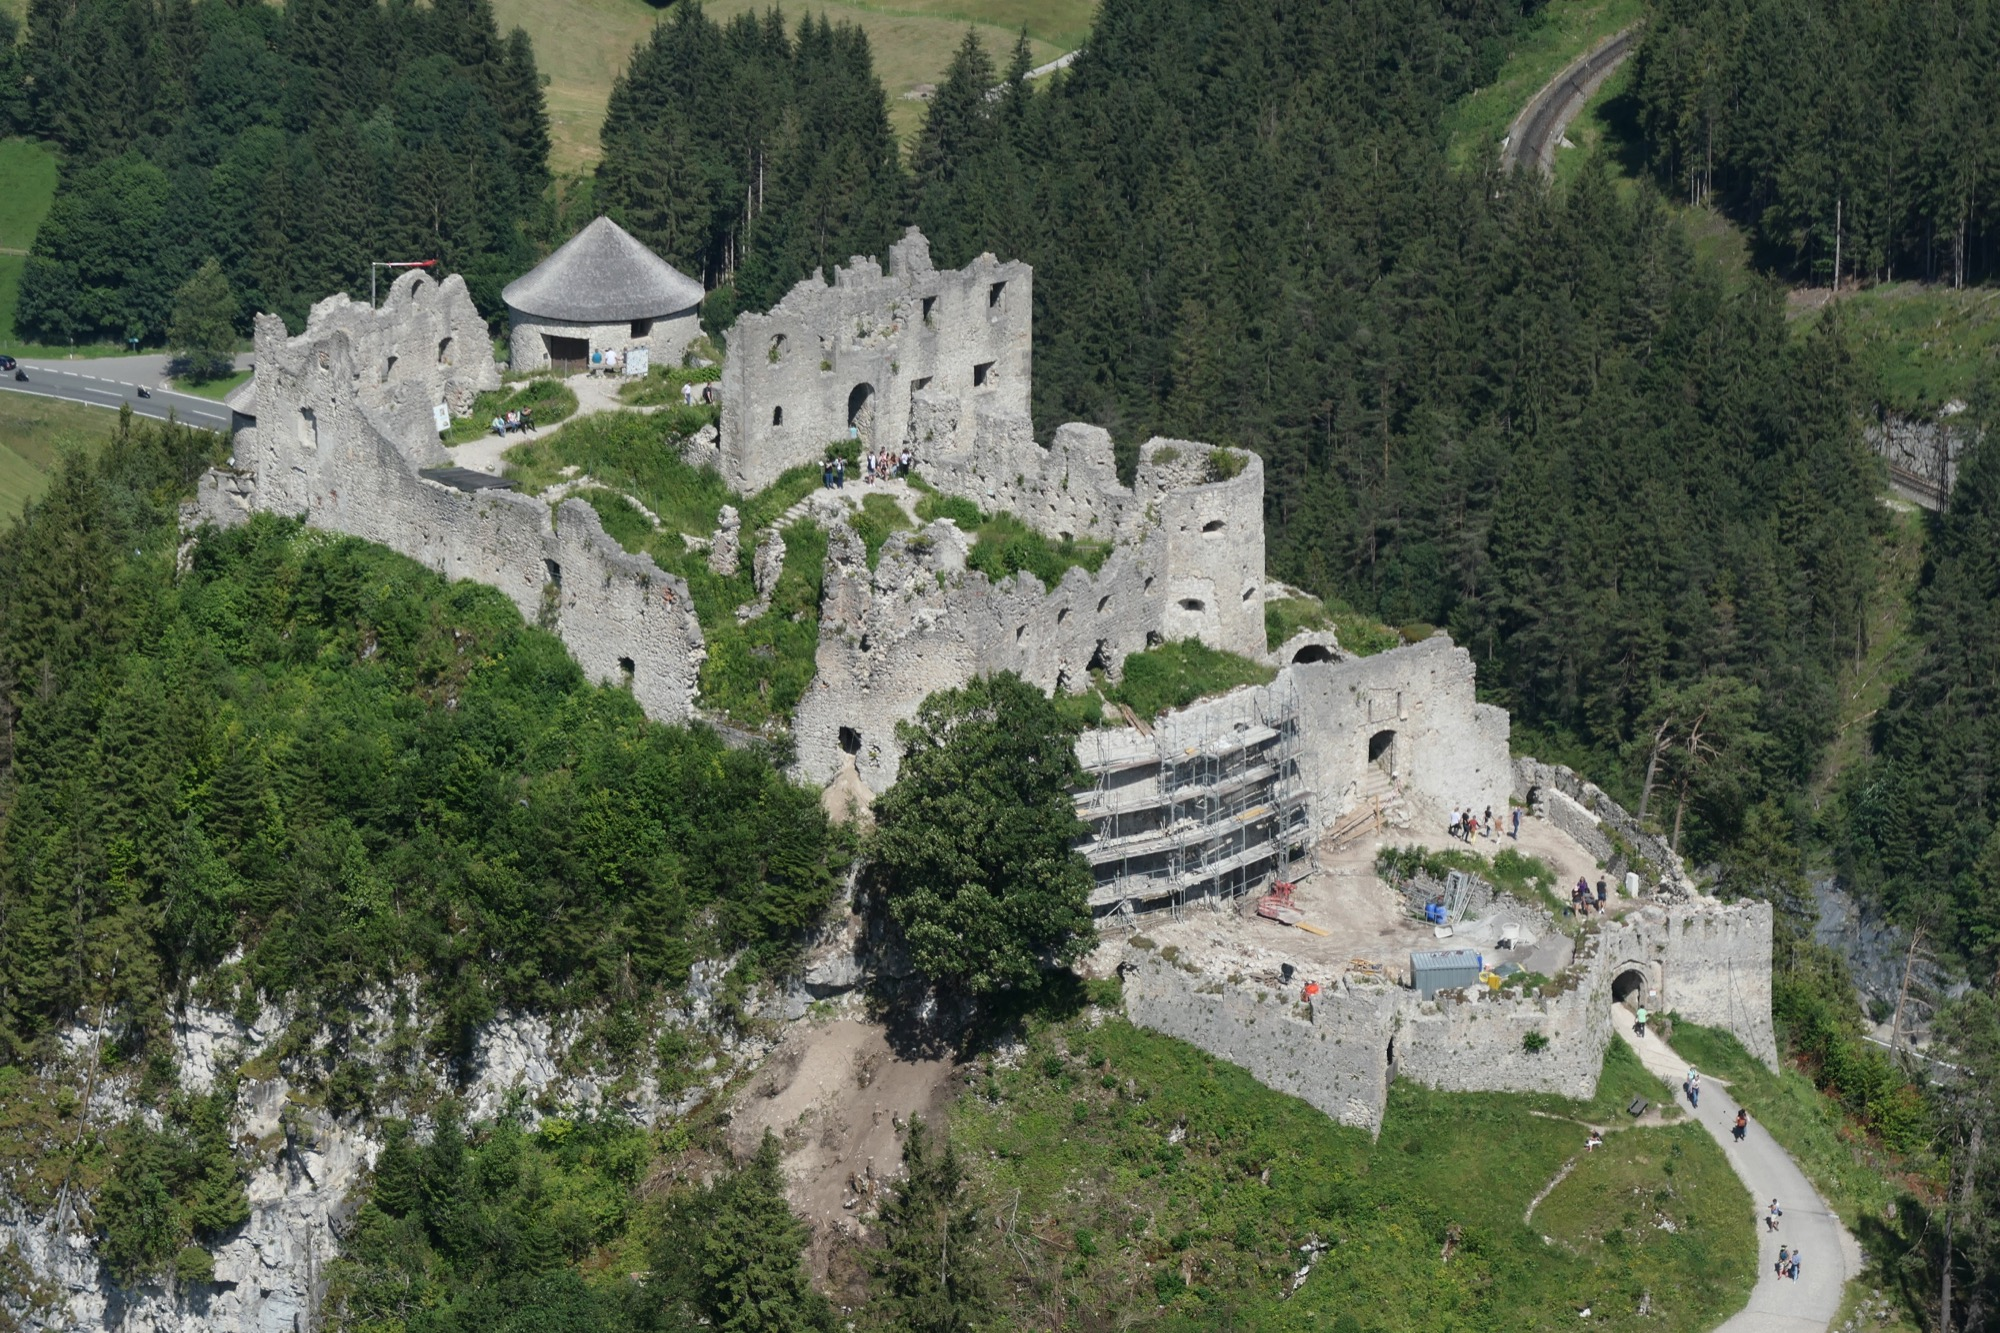 Ehrenberg Castle seen from Schlosskopf